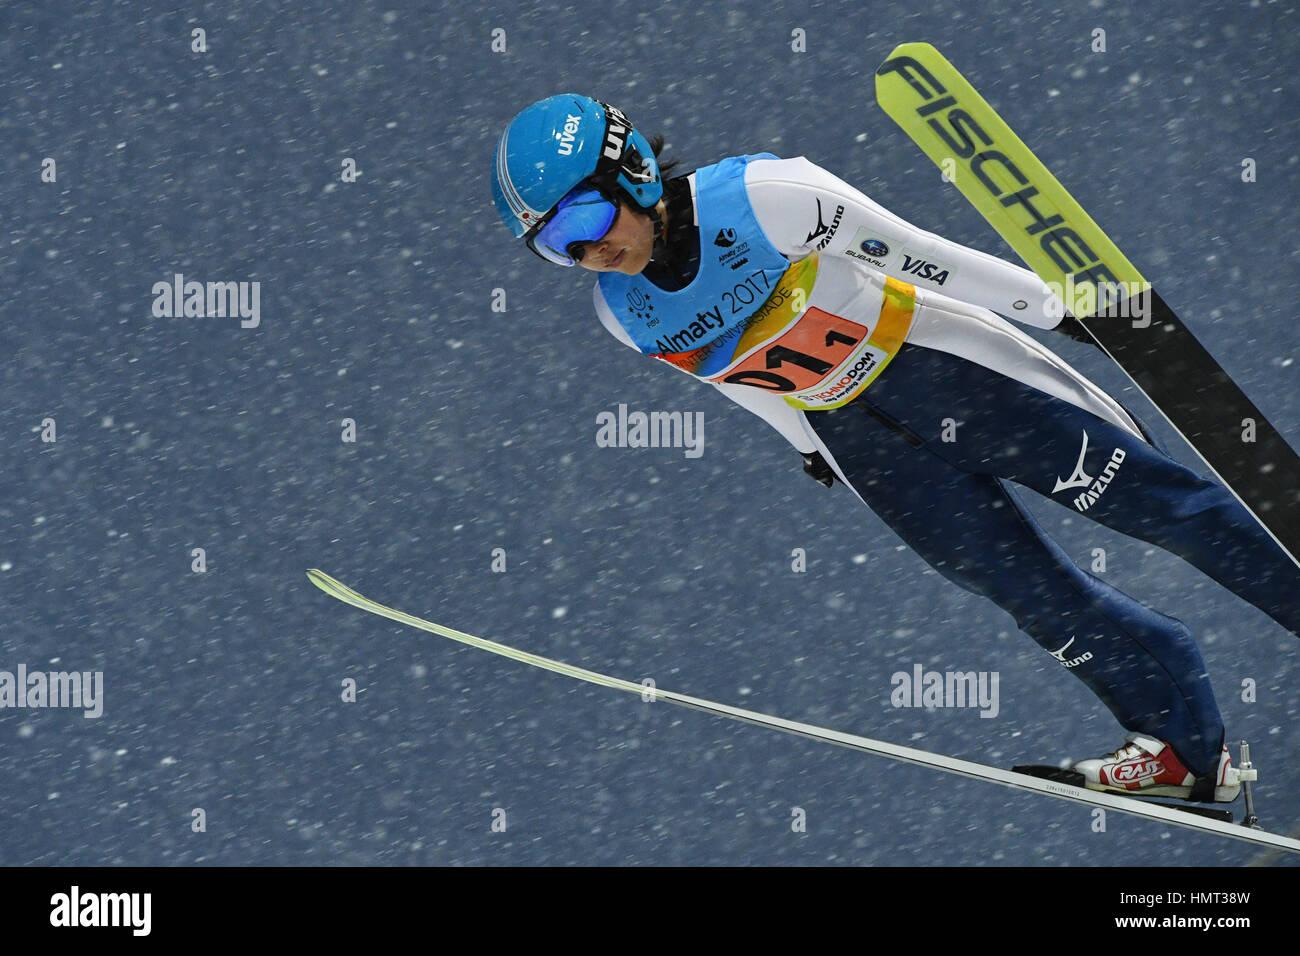 Saltos de Esqui Internacional Sunkar complexo, Almaty, Cazaquistão. 4 de Fevereiro de 2017. Jun Maruyama (JPN), Imagens de Stock